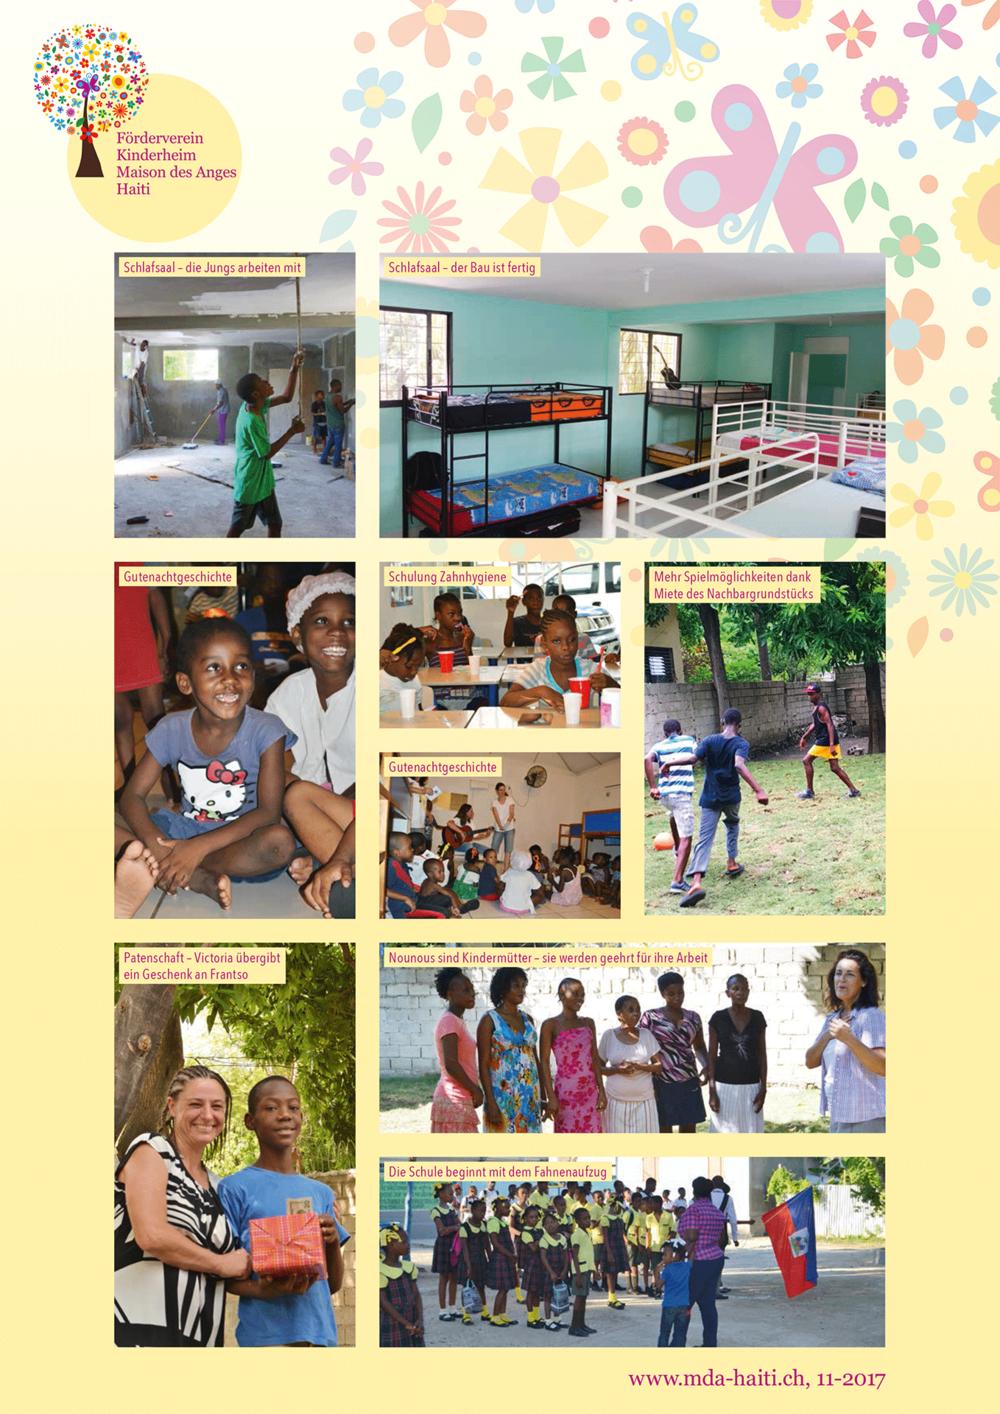 Bilderbogen Herbstreise 2017 Förderverein Maison des Anges nach Haiti